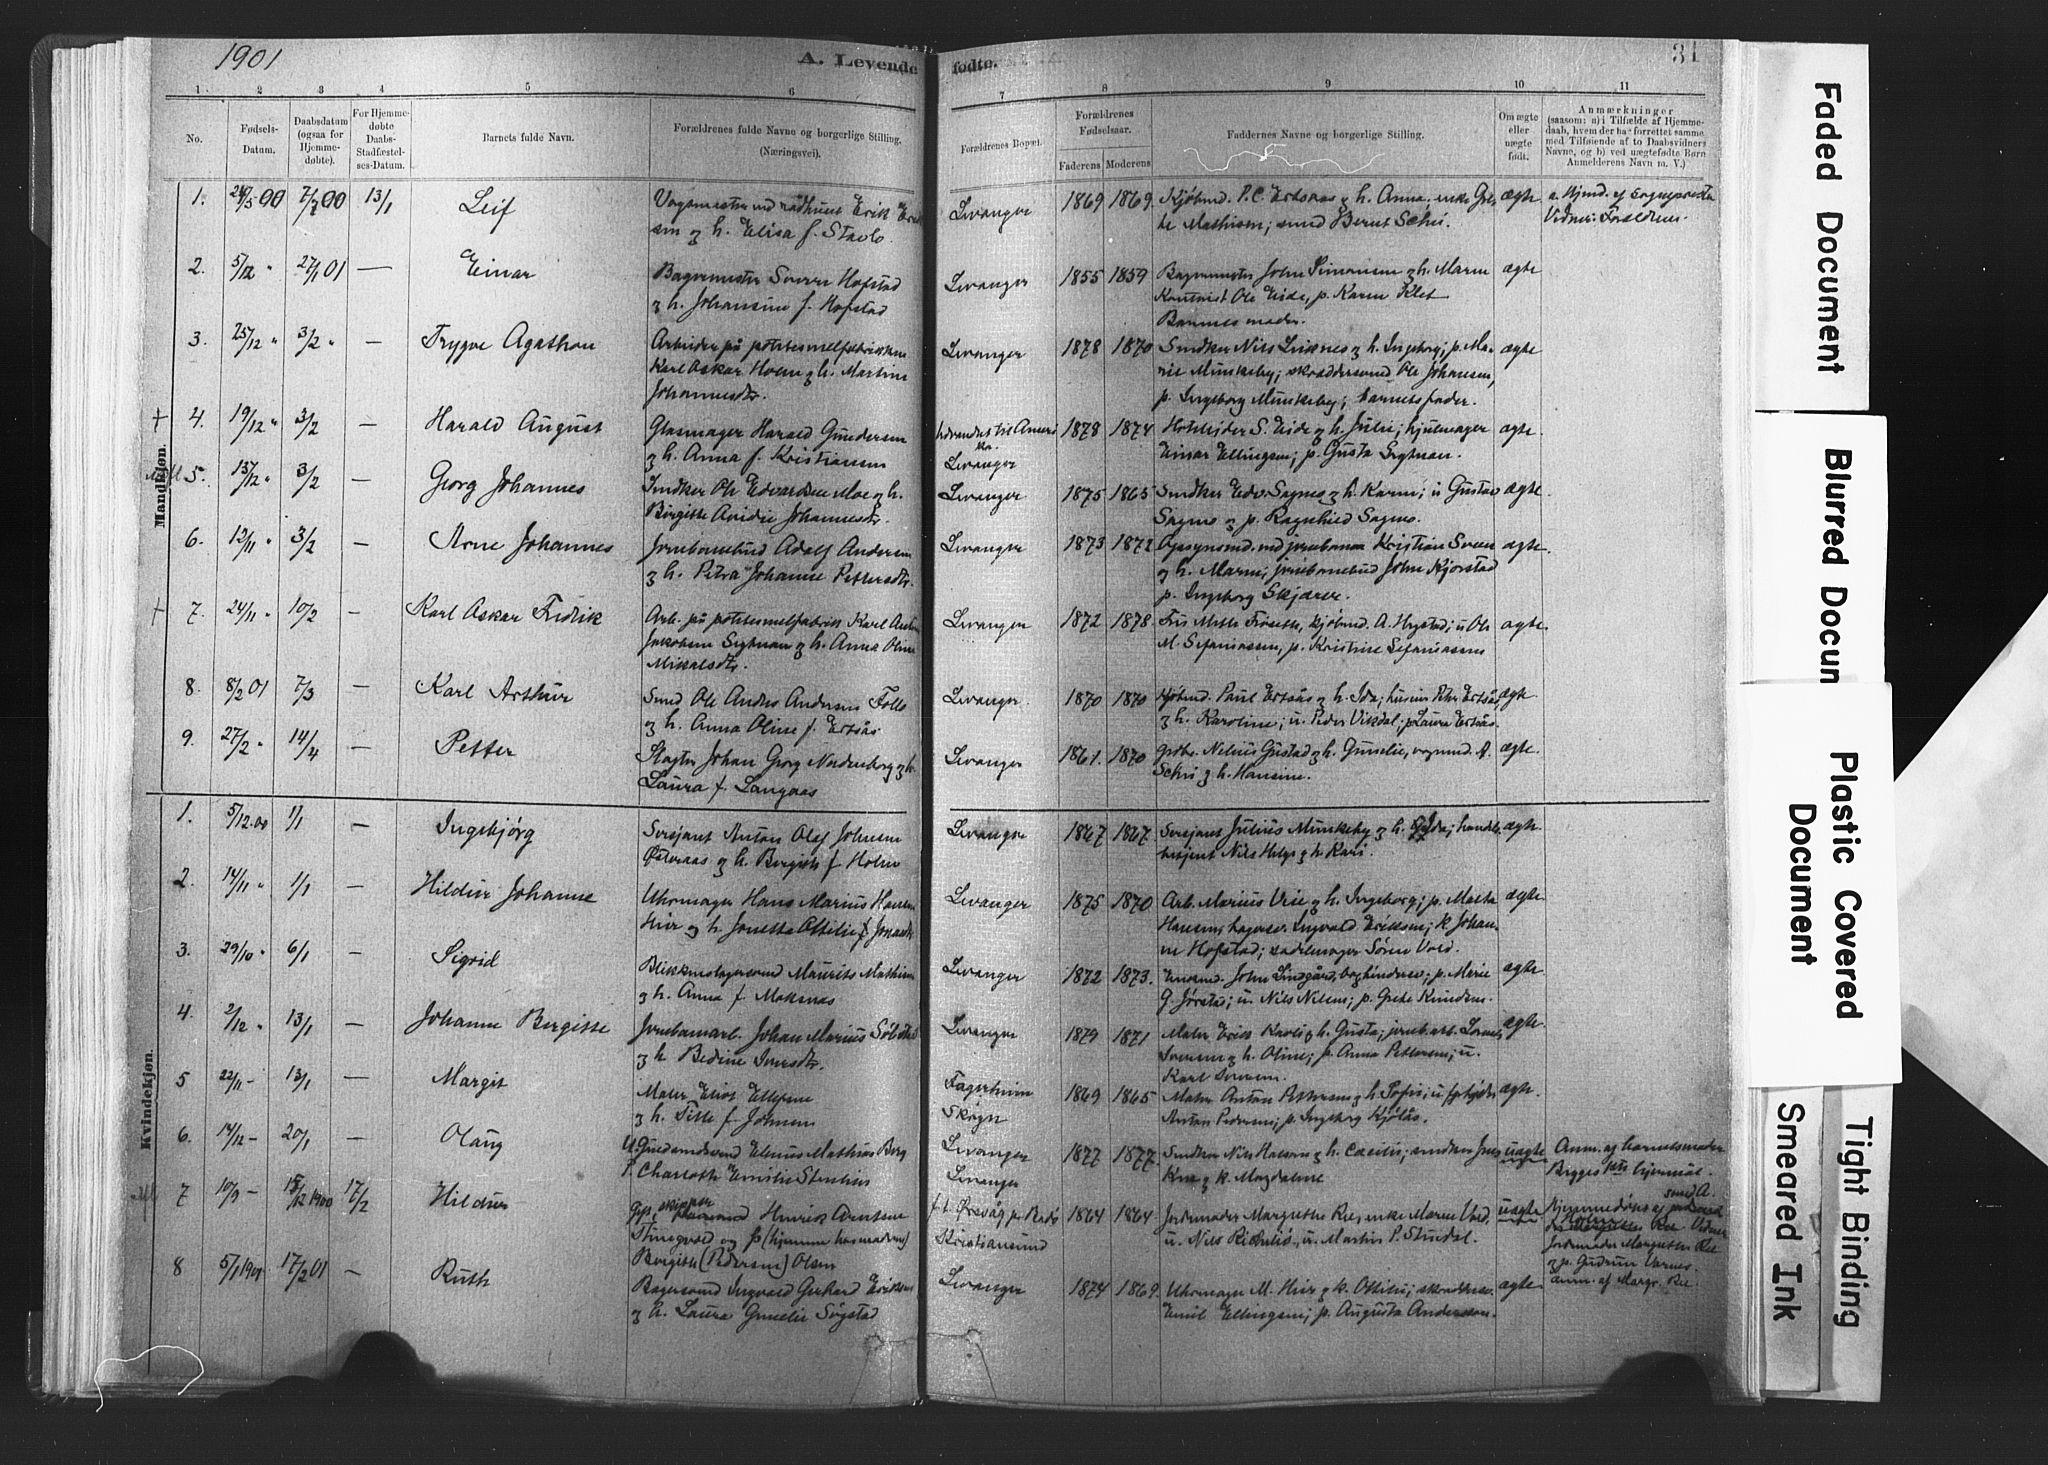 SAT, Ministerialprotokoller, klokkerbøker og fødselsregistre - Nord-Trøndelag, 720/L0189: Ministerialbok nr. 720A05, 1880-1911, s. 31